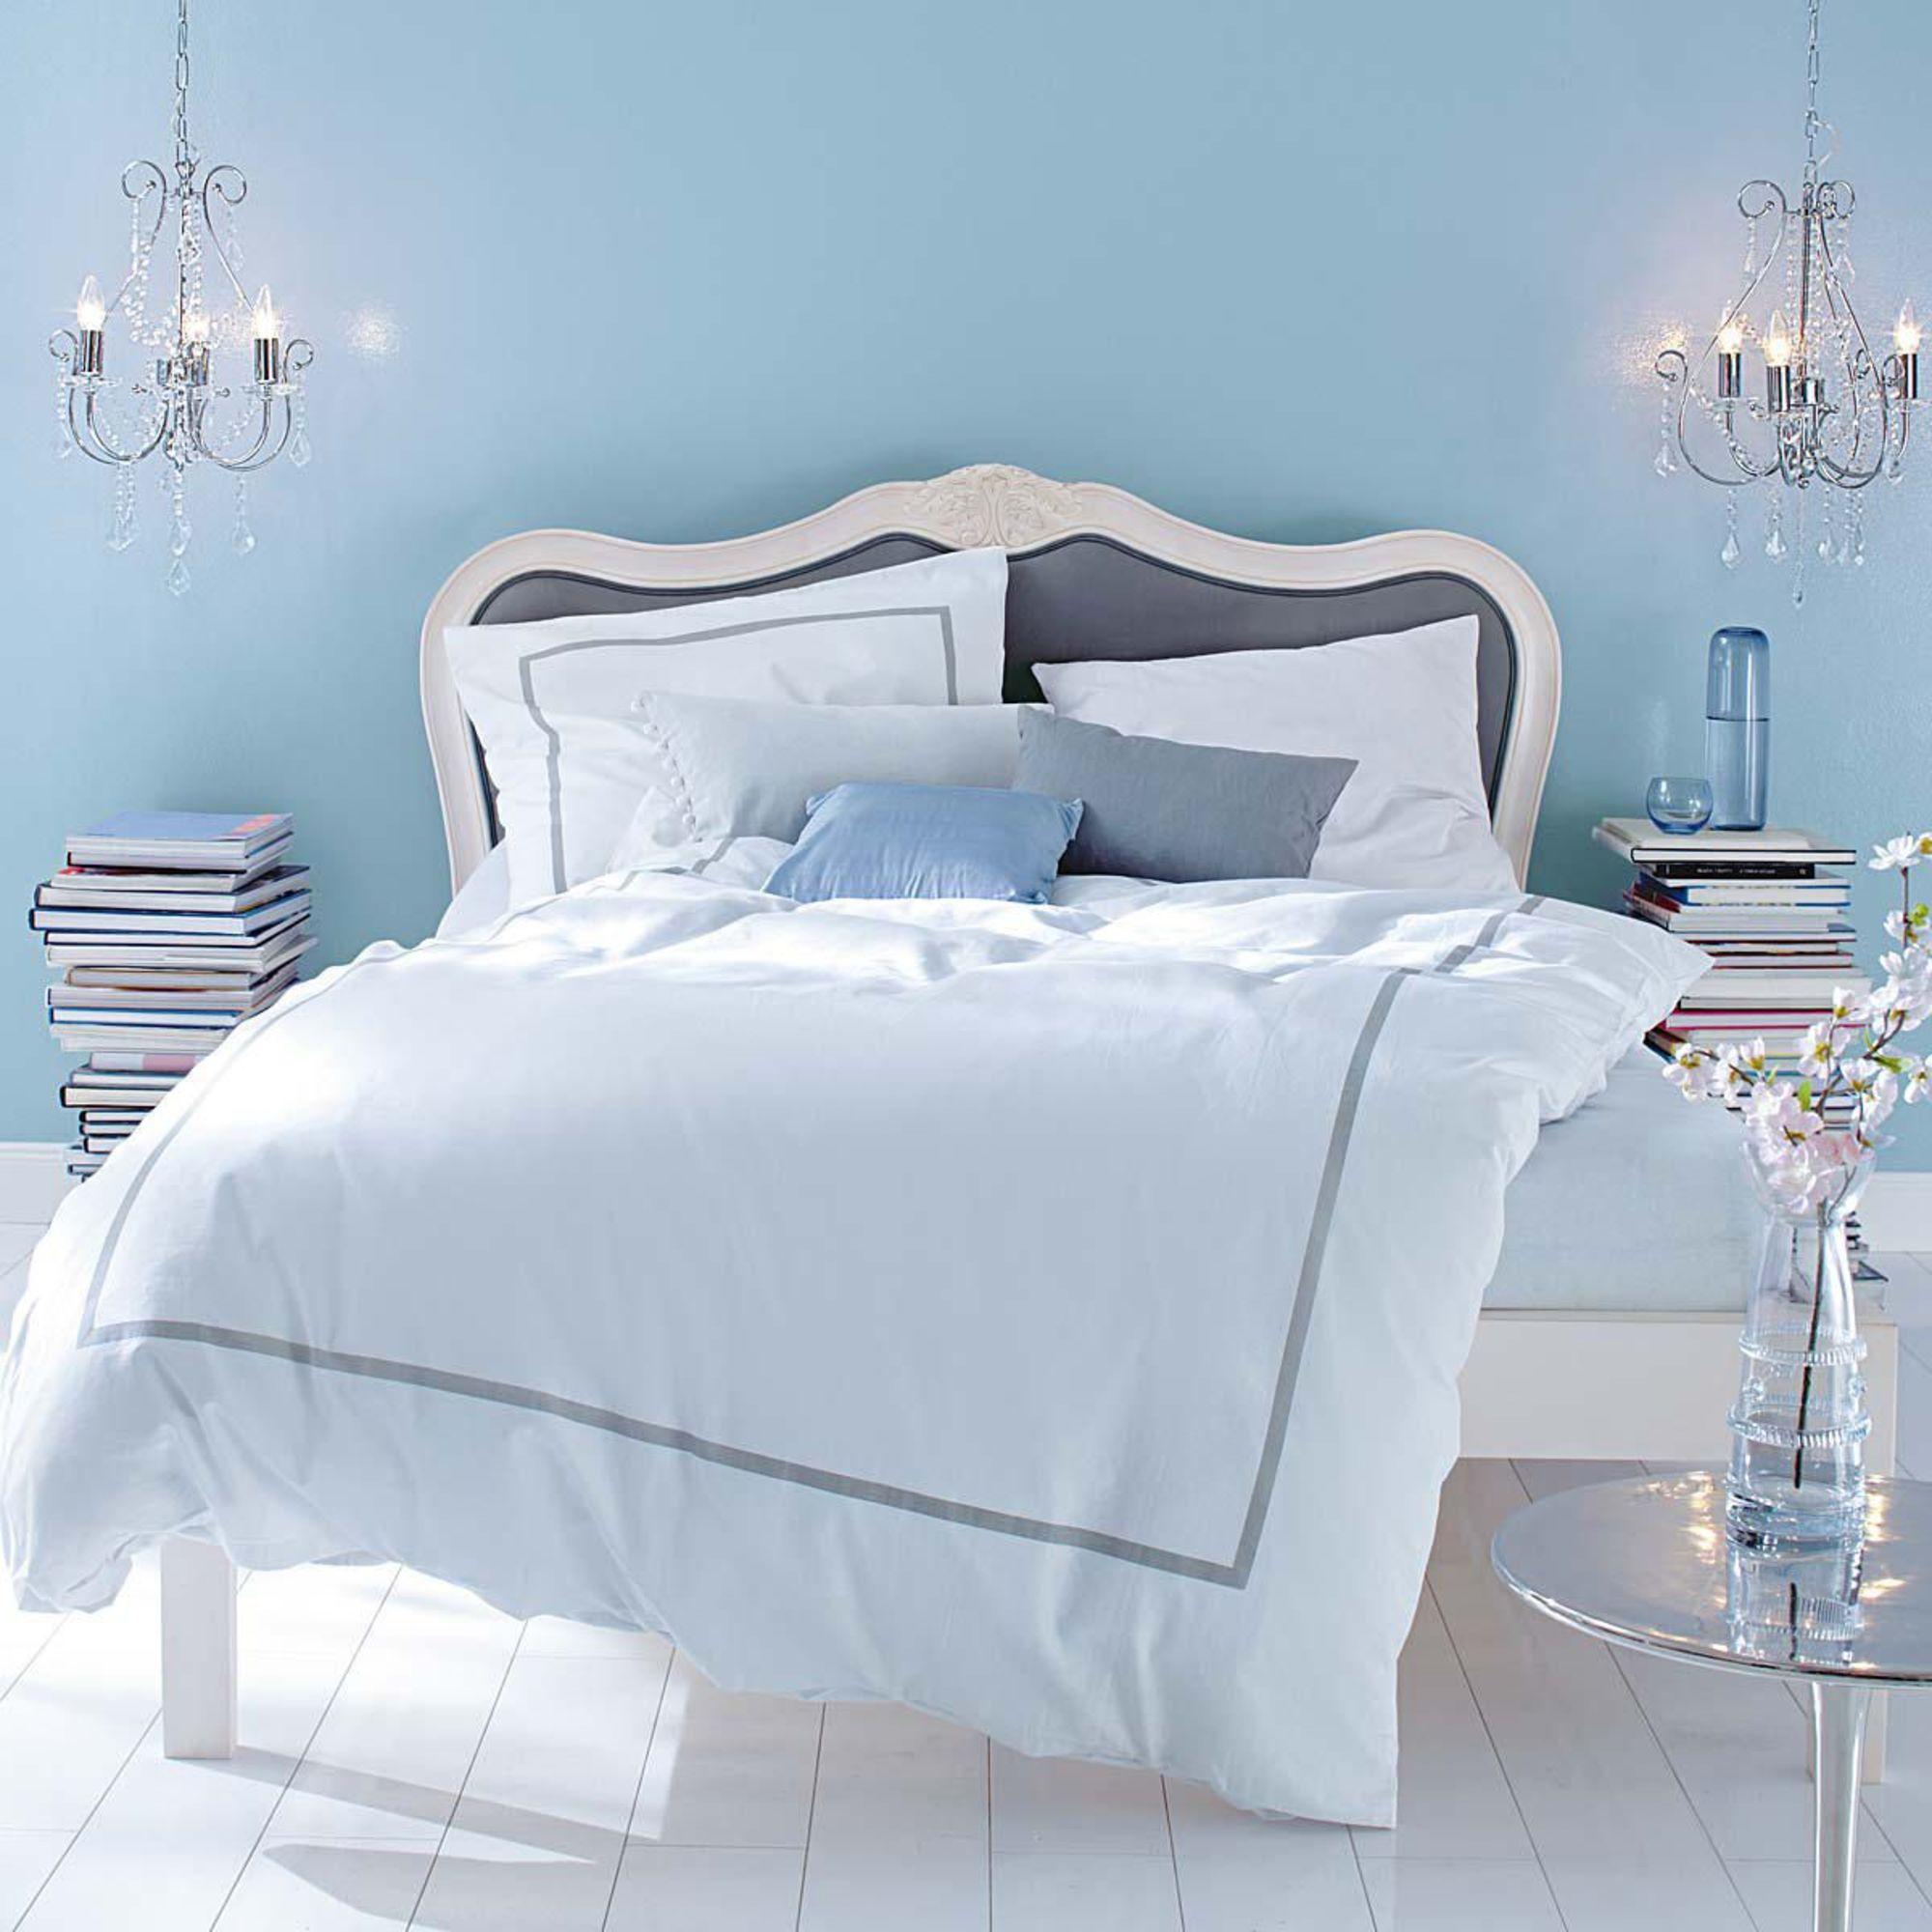 Bett, bezogener kopfteil, antik look, akazienholz und baumwolle